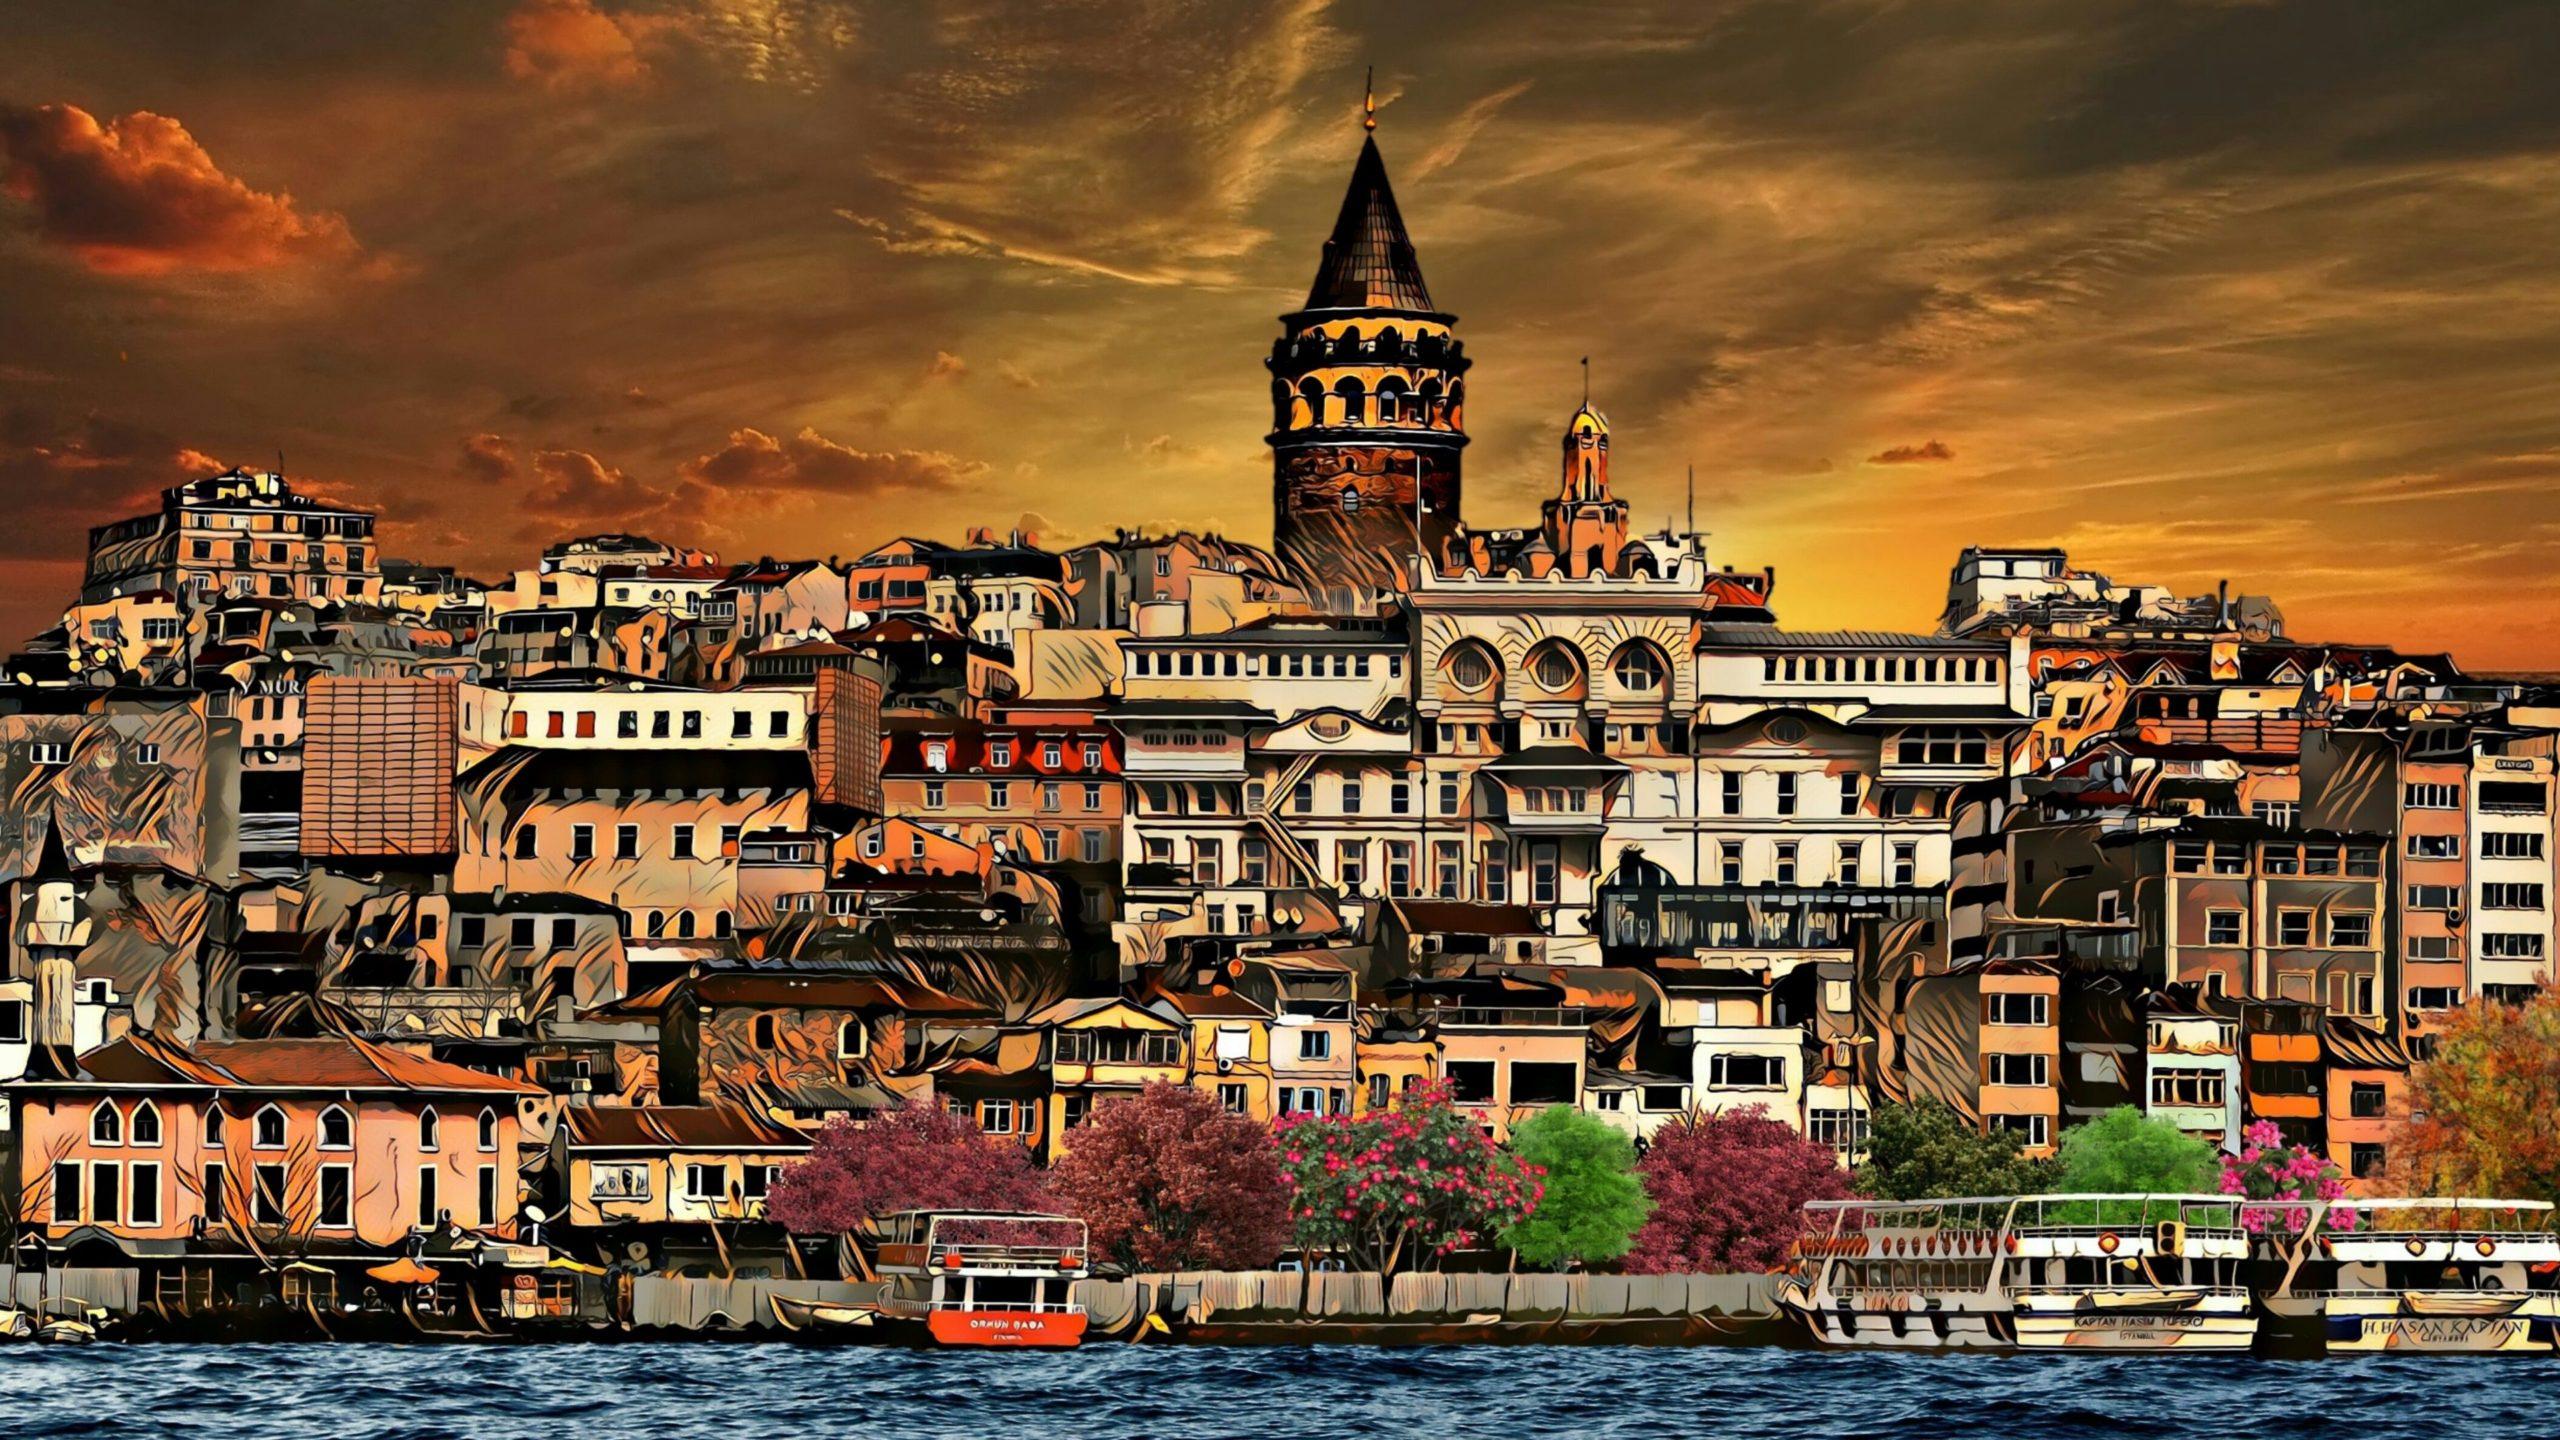 istanbul fotoğrafları hd